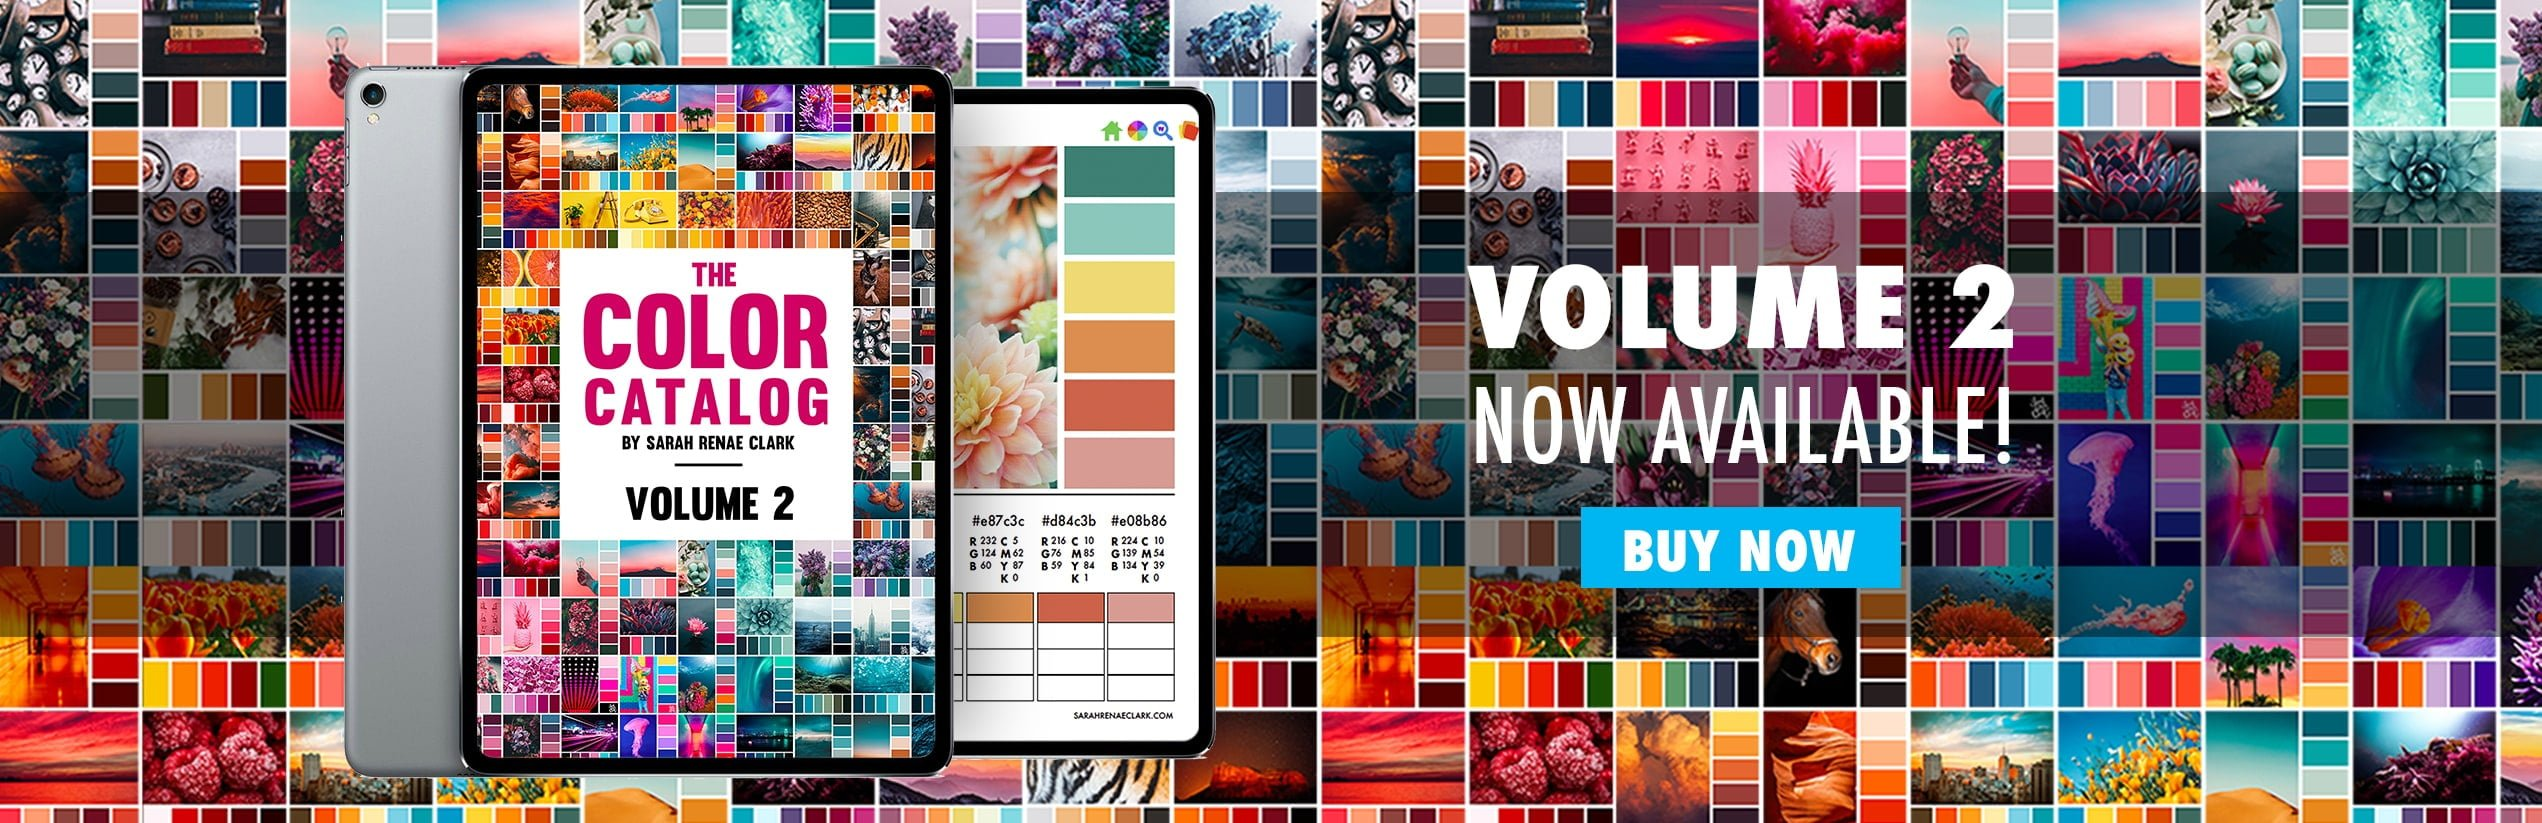 The Color Catalog Volume 2 - 250 color palettes